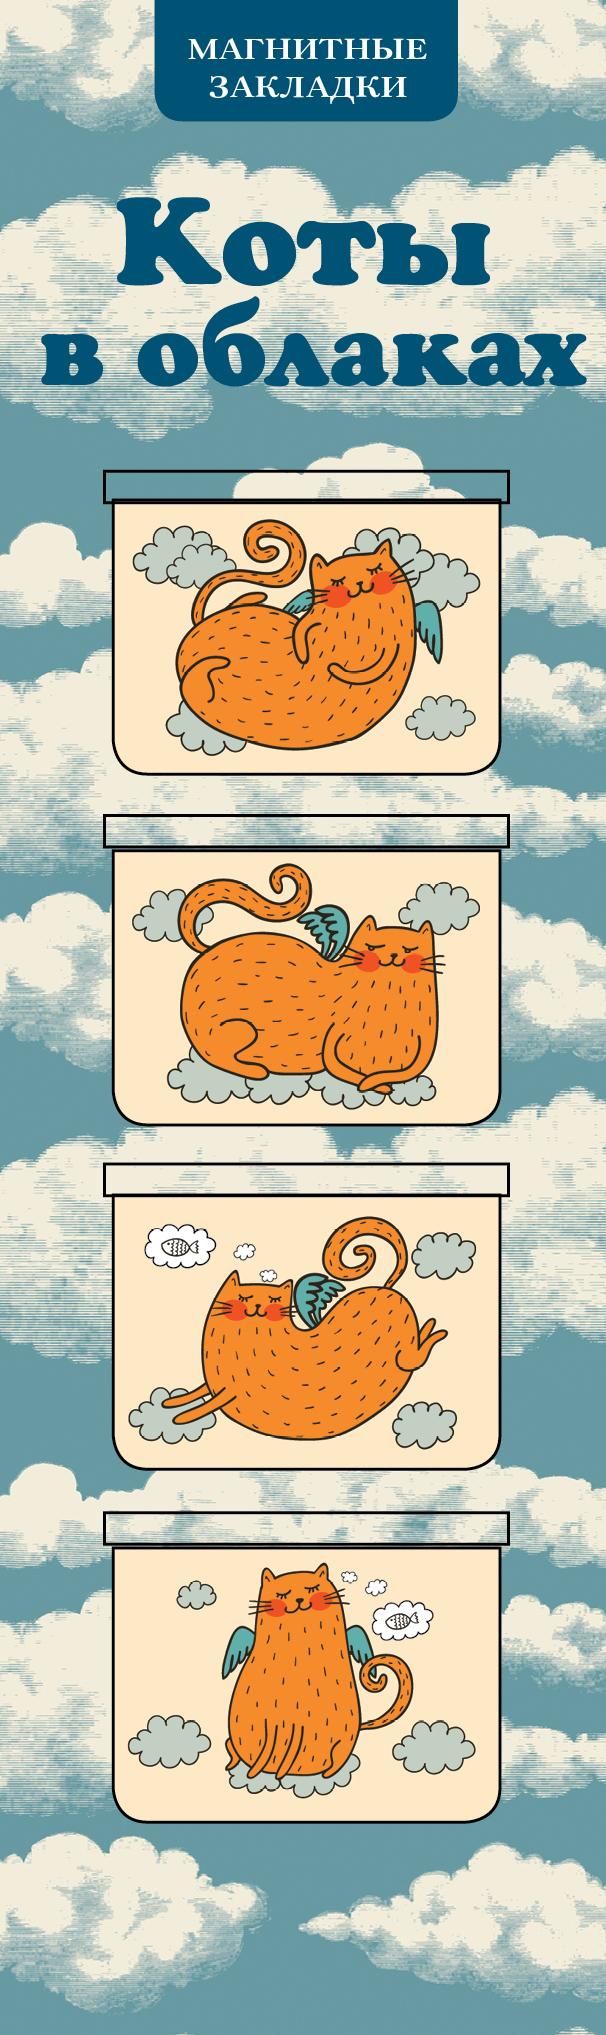 Магнитные закладки. Коты в облаках (4 закладки горизонт.)